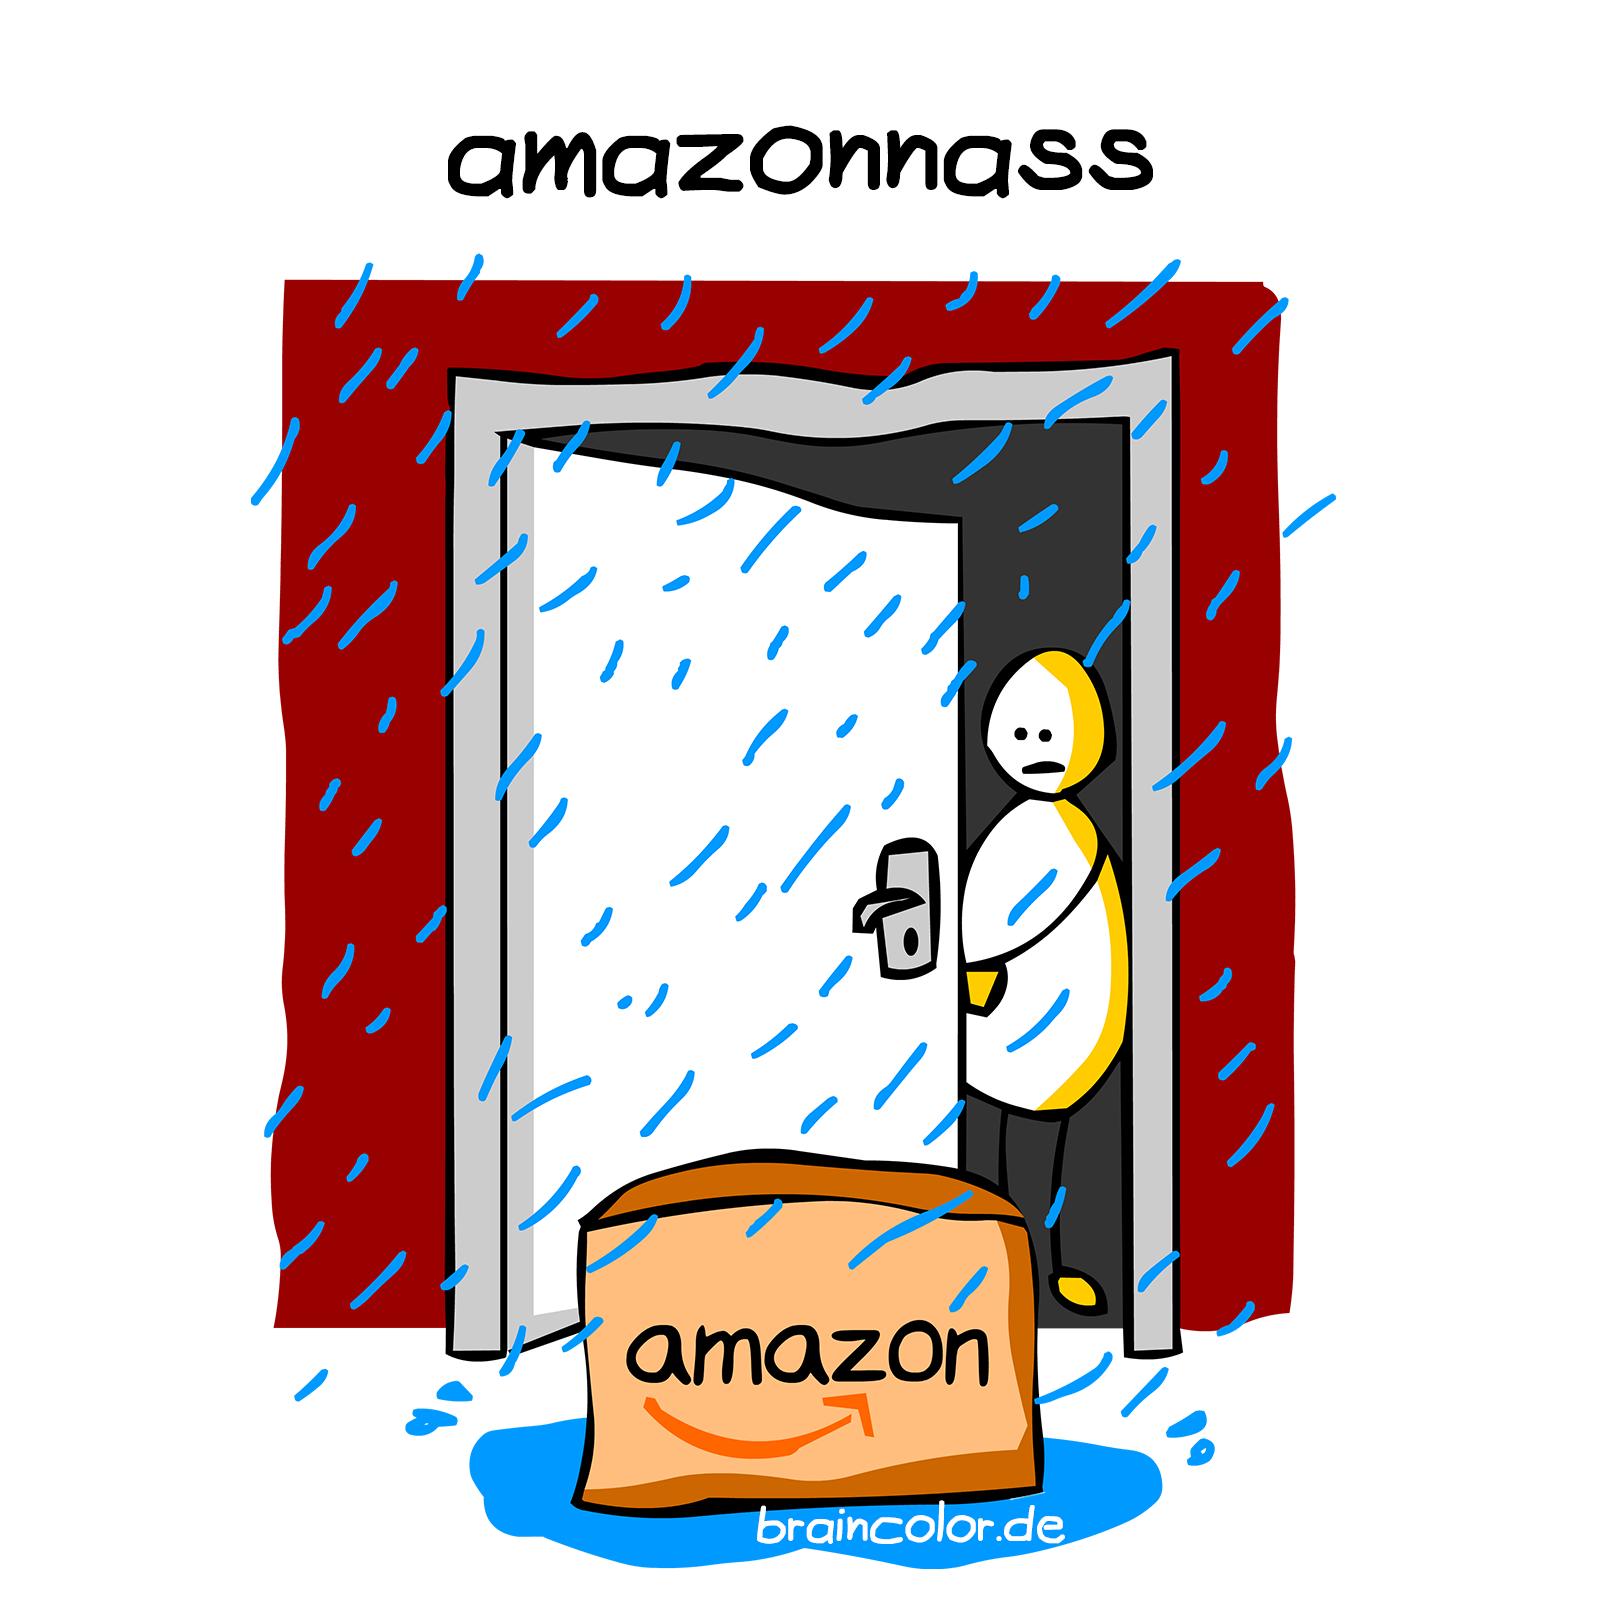 amazonas #einbuchstabedaneben